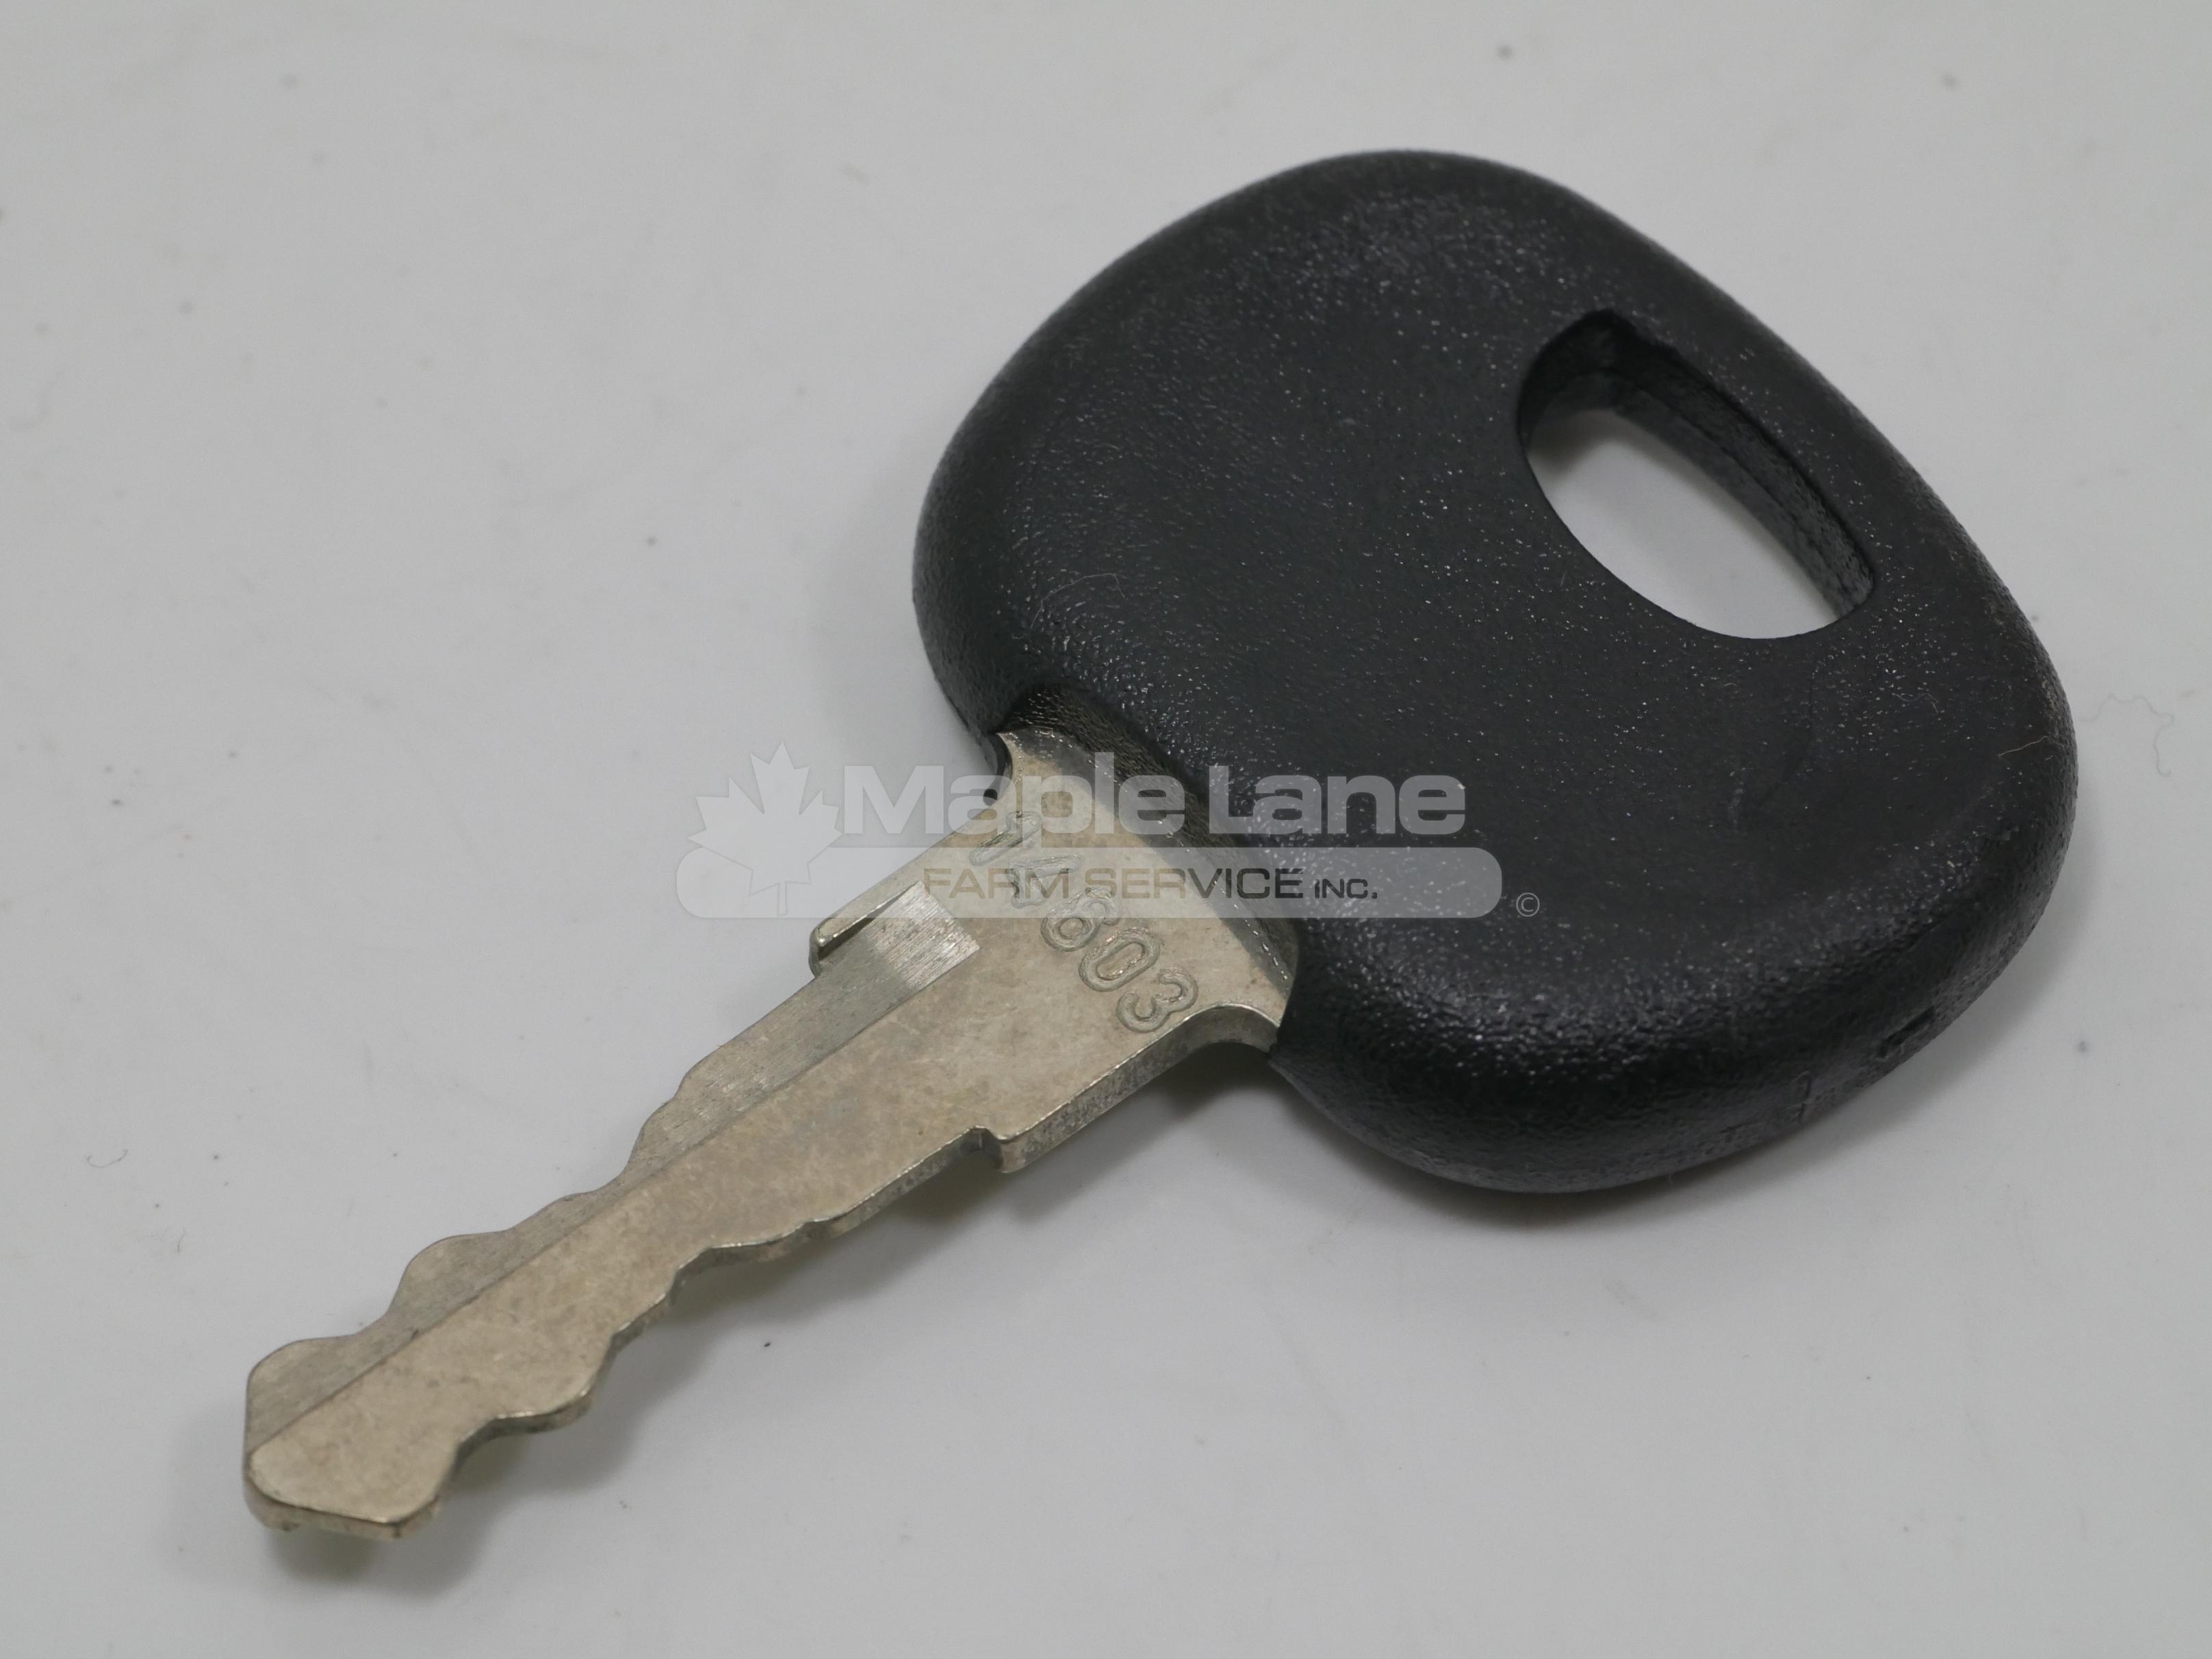 101792 key (qty 1)